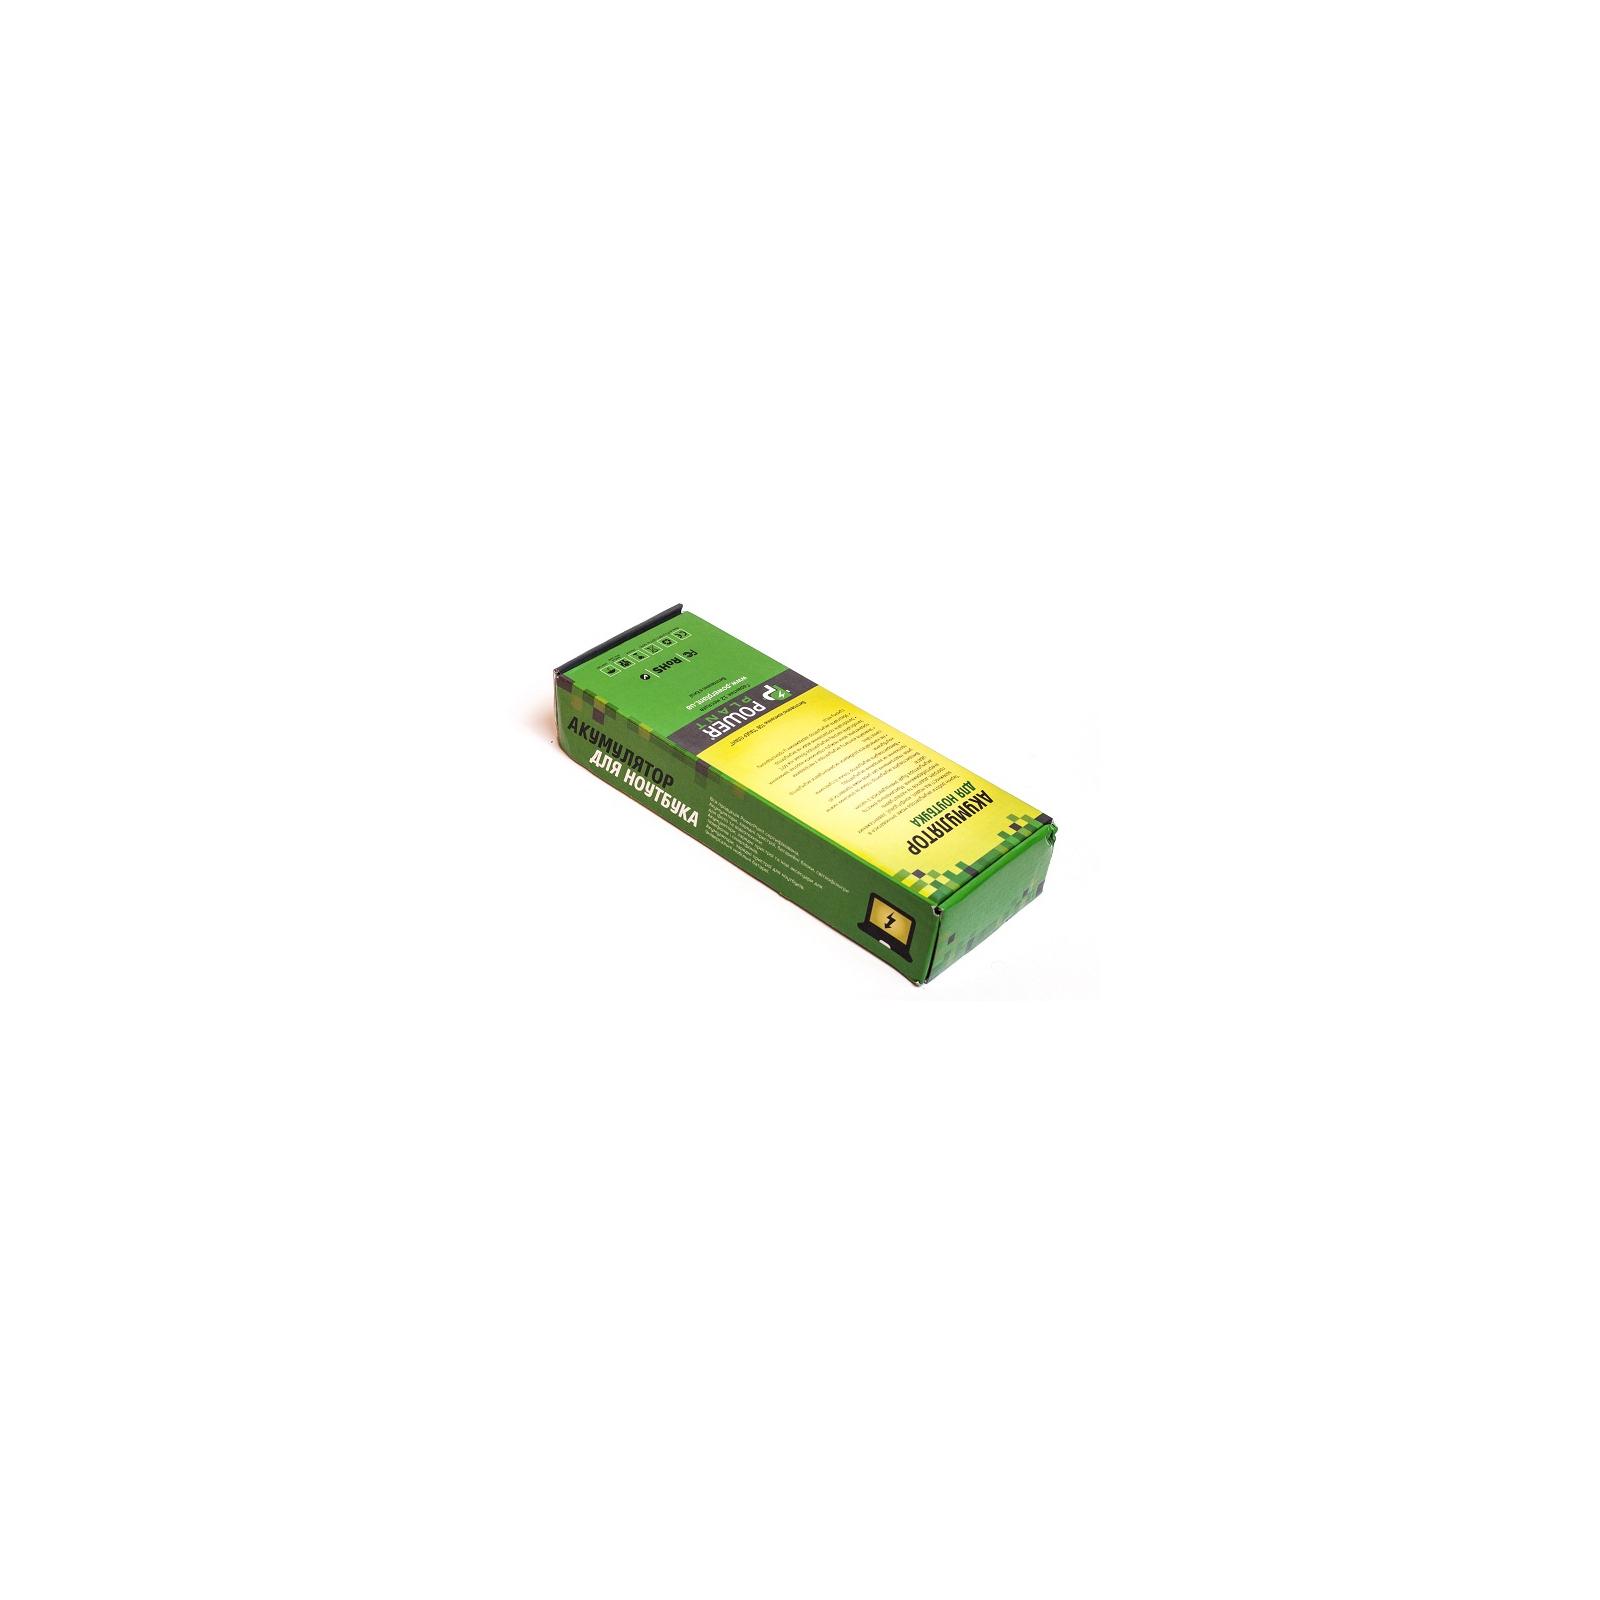 Аккумулятор для ноутбука DELL Latitude E4300 (FM332) 11.1V 5200mAh PowerPlant (NB00000010) изображение 2